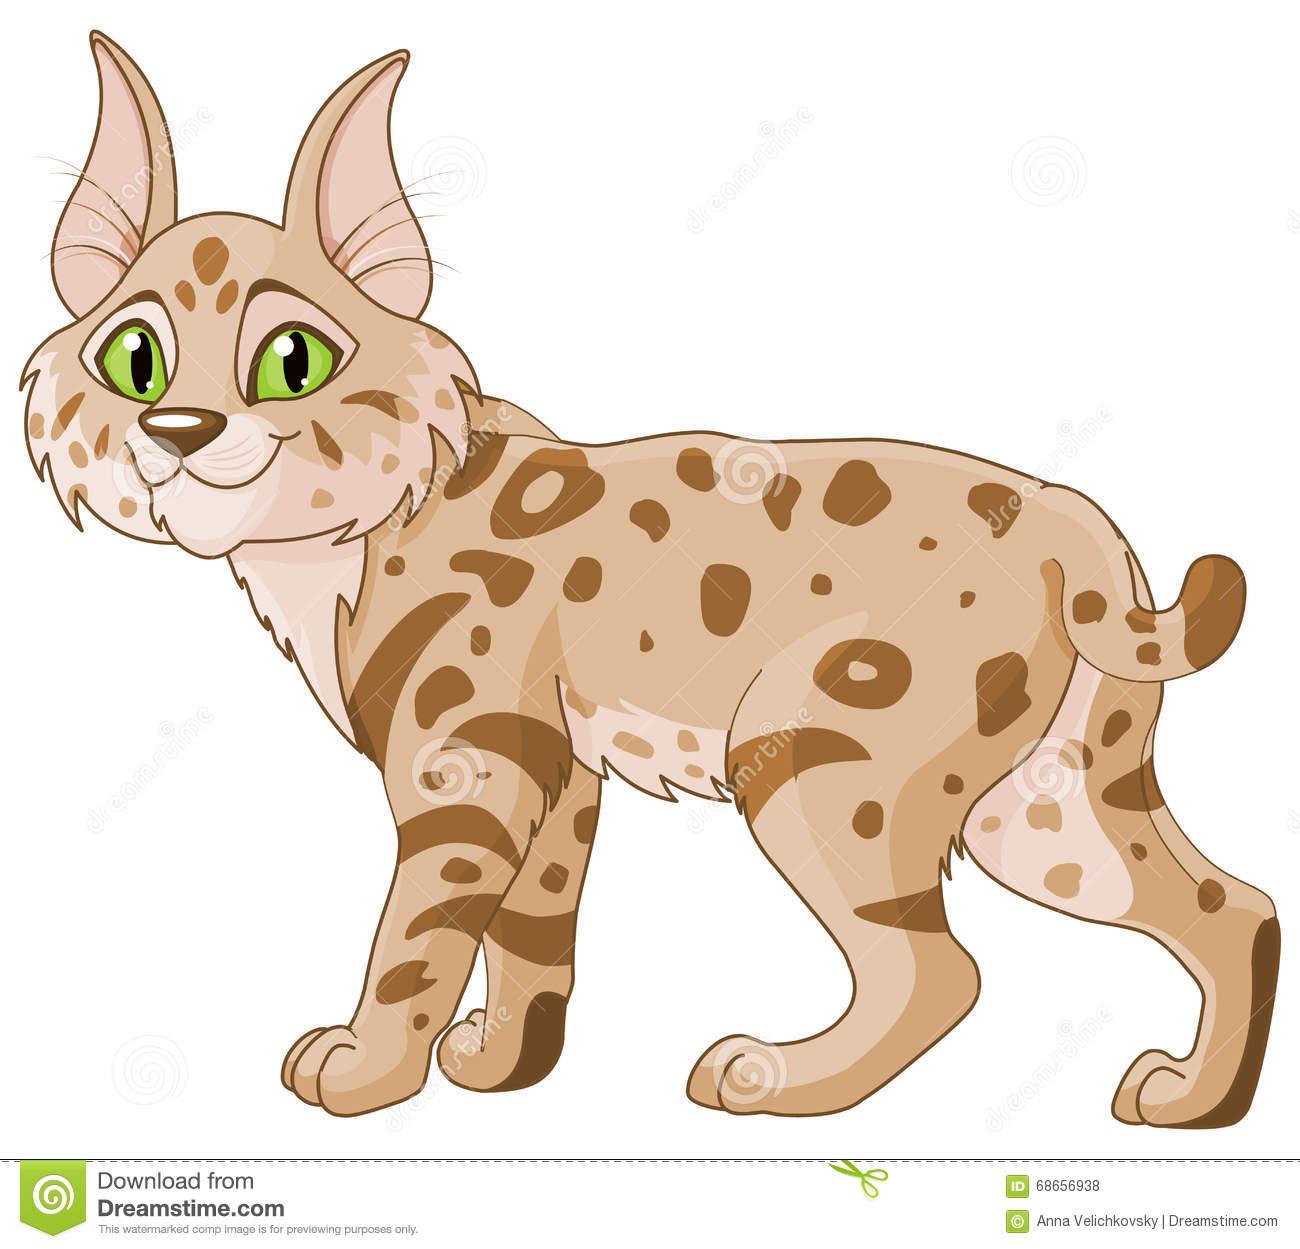 Bobcat stock vector. Illustration of tassel, cute, clipart.